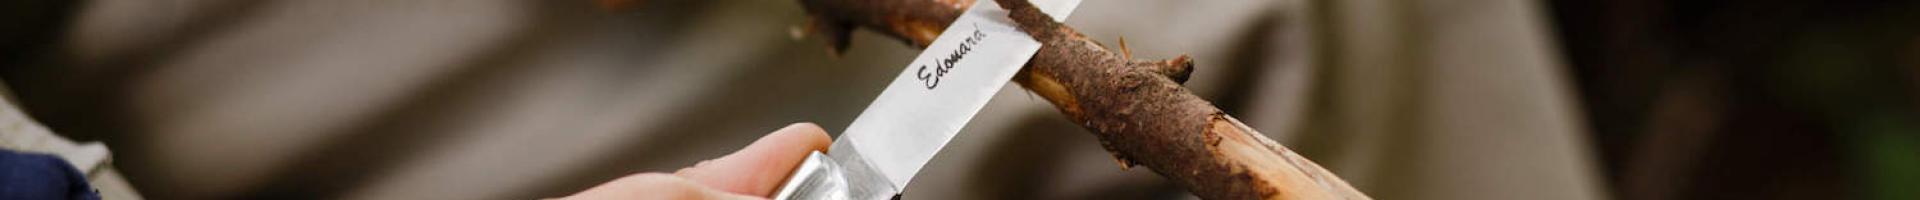 Quels types d'inscriptions peut-on mettre sur la lame d'un couteau ?